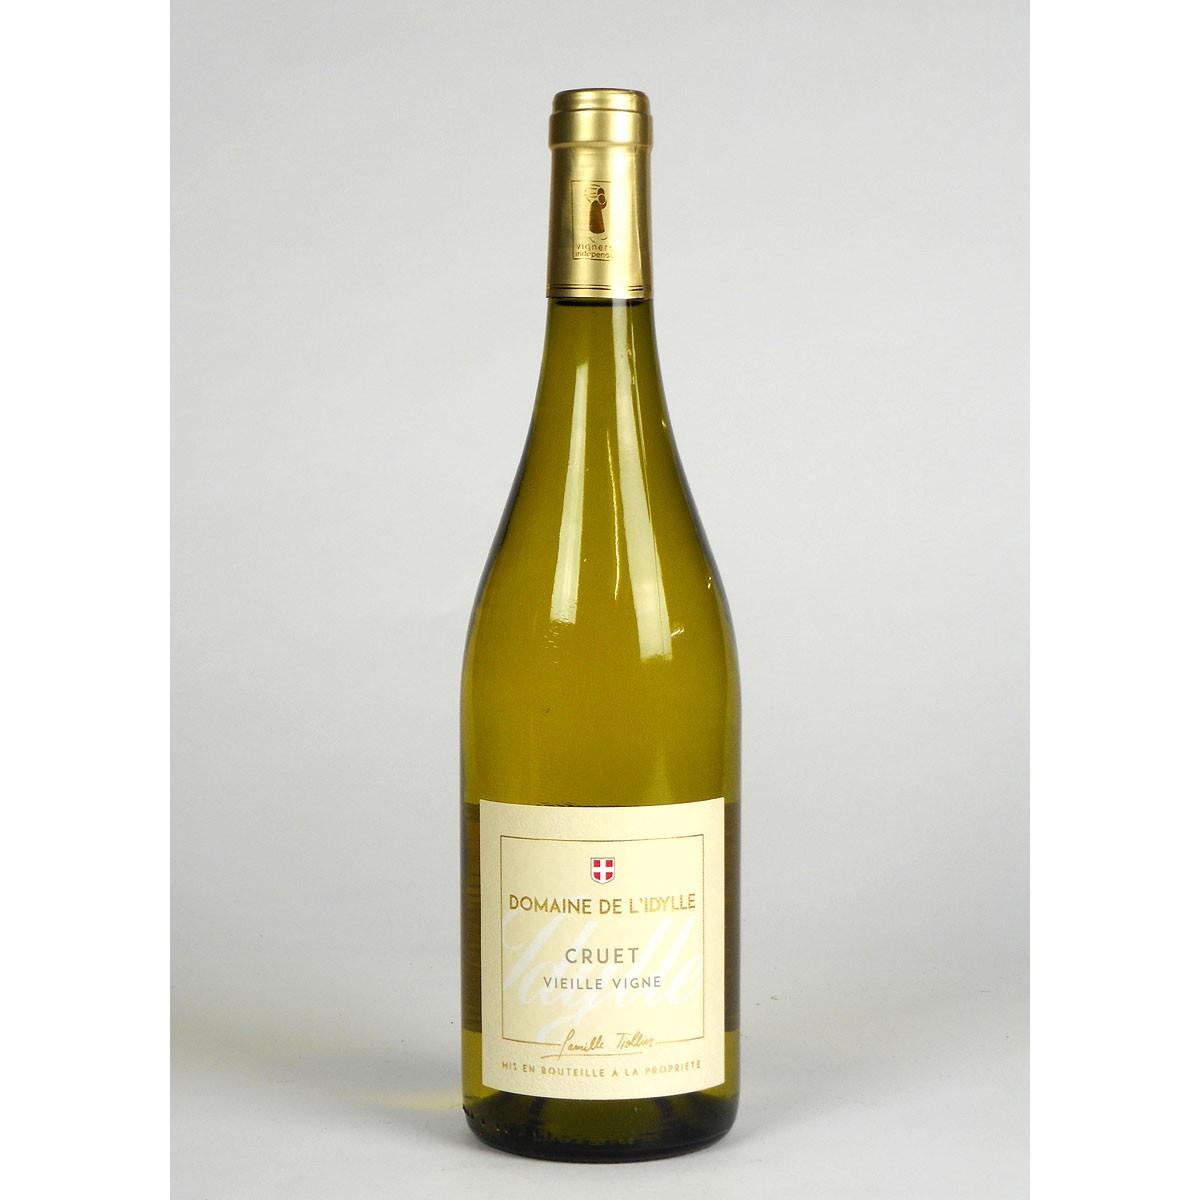 Savoie: Domaine de l'Idylle 'Vieille Vigne' Blanc 2020 - Bottle